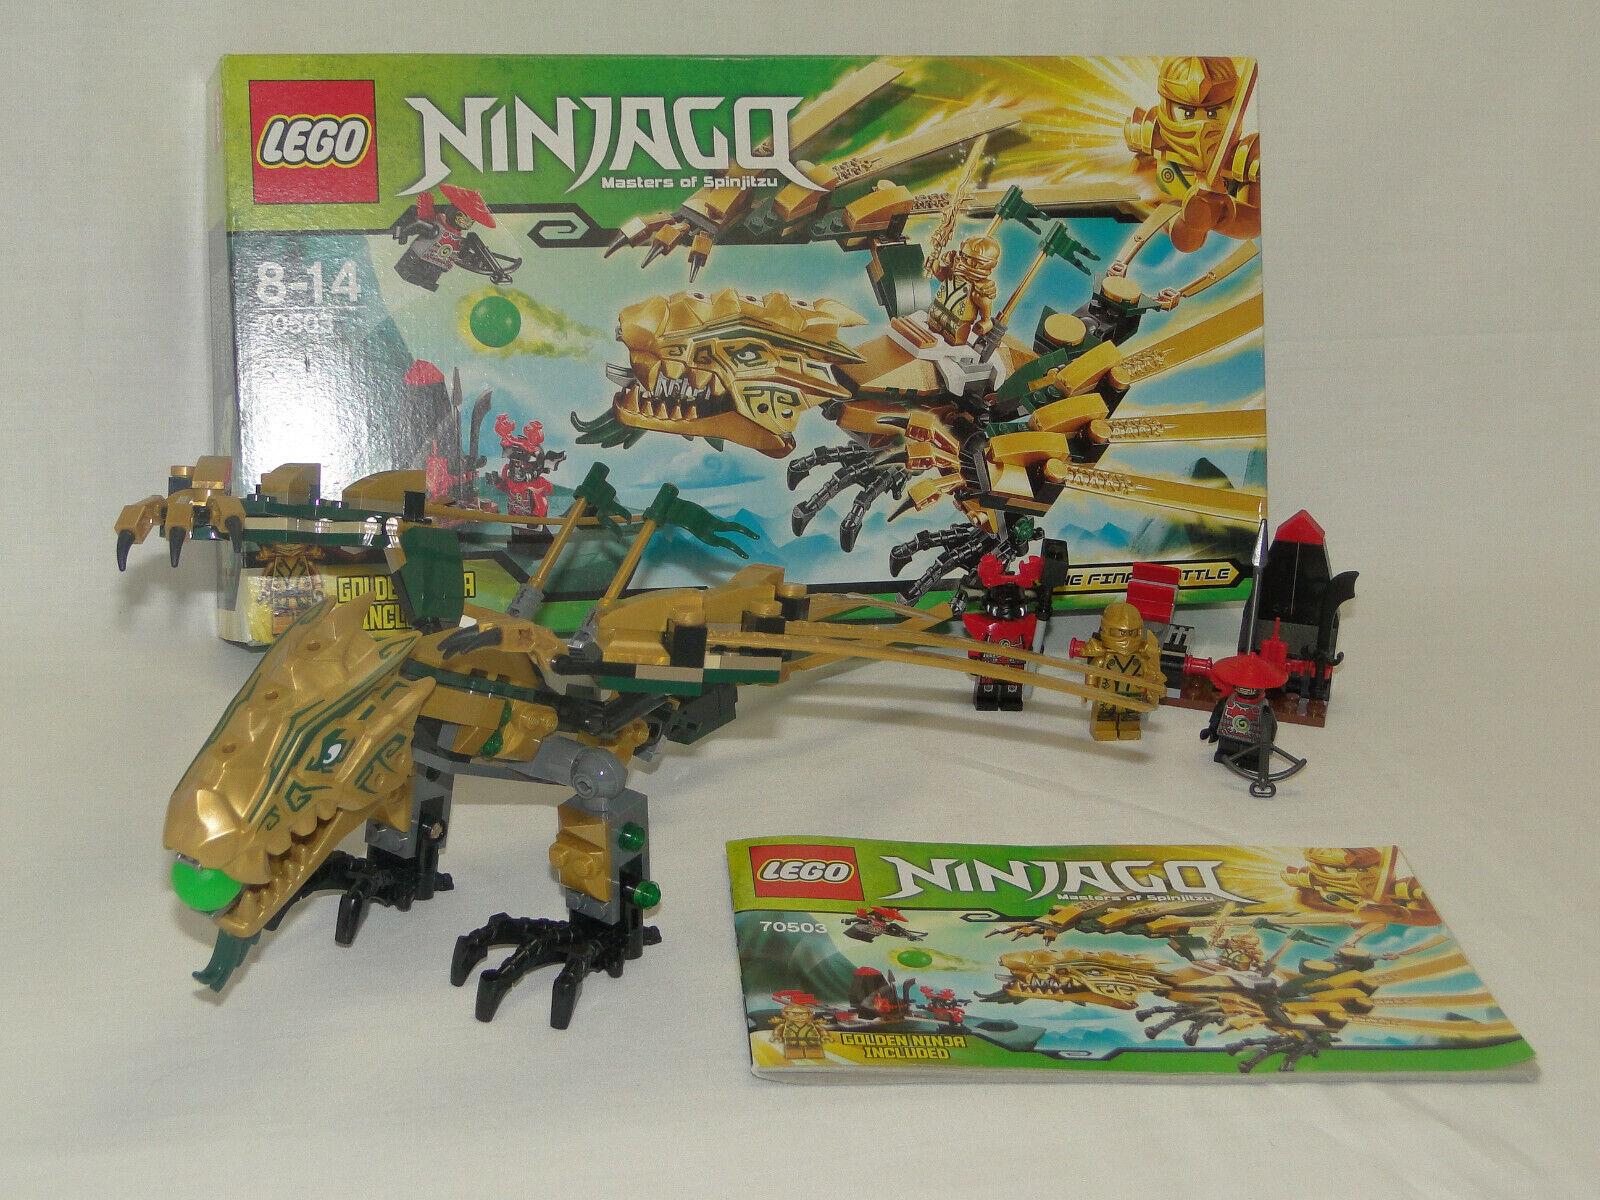 Lego Ninjago 70503 dorada con dragón completo con instrucciones oba + embalaje original